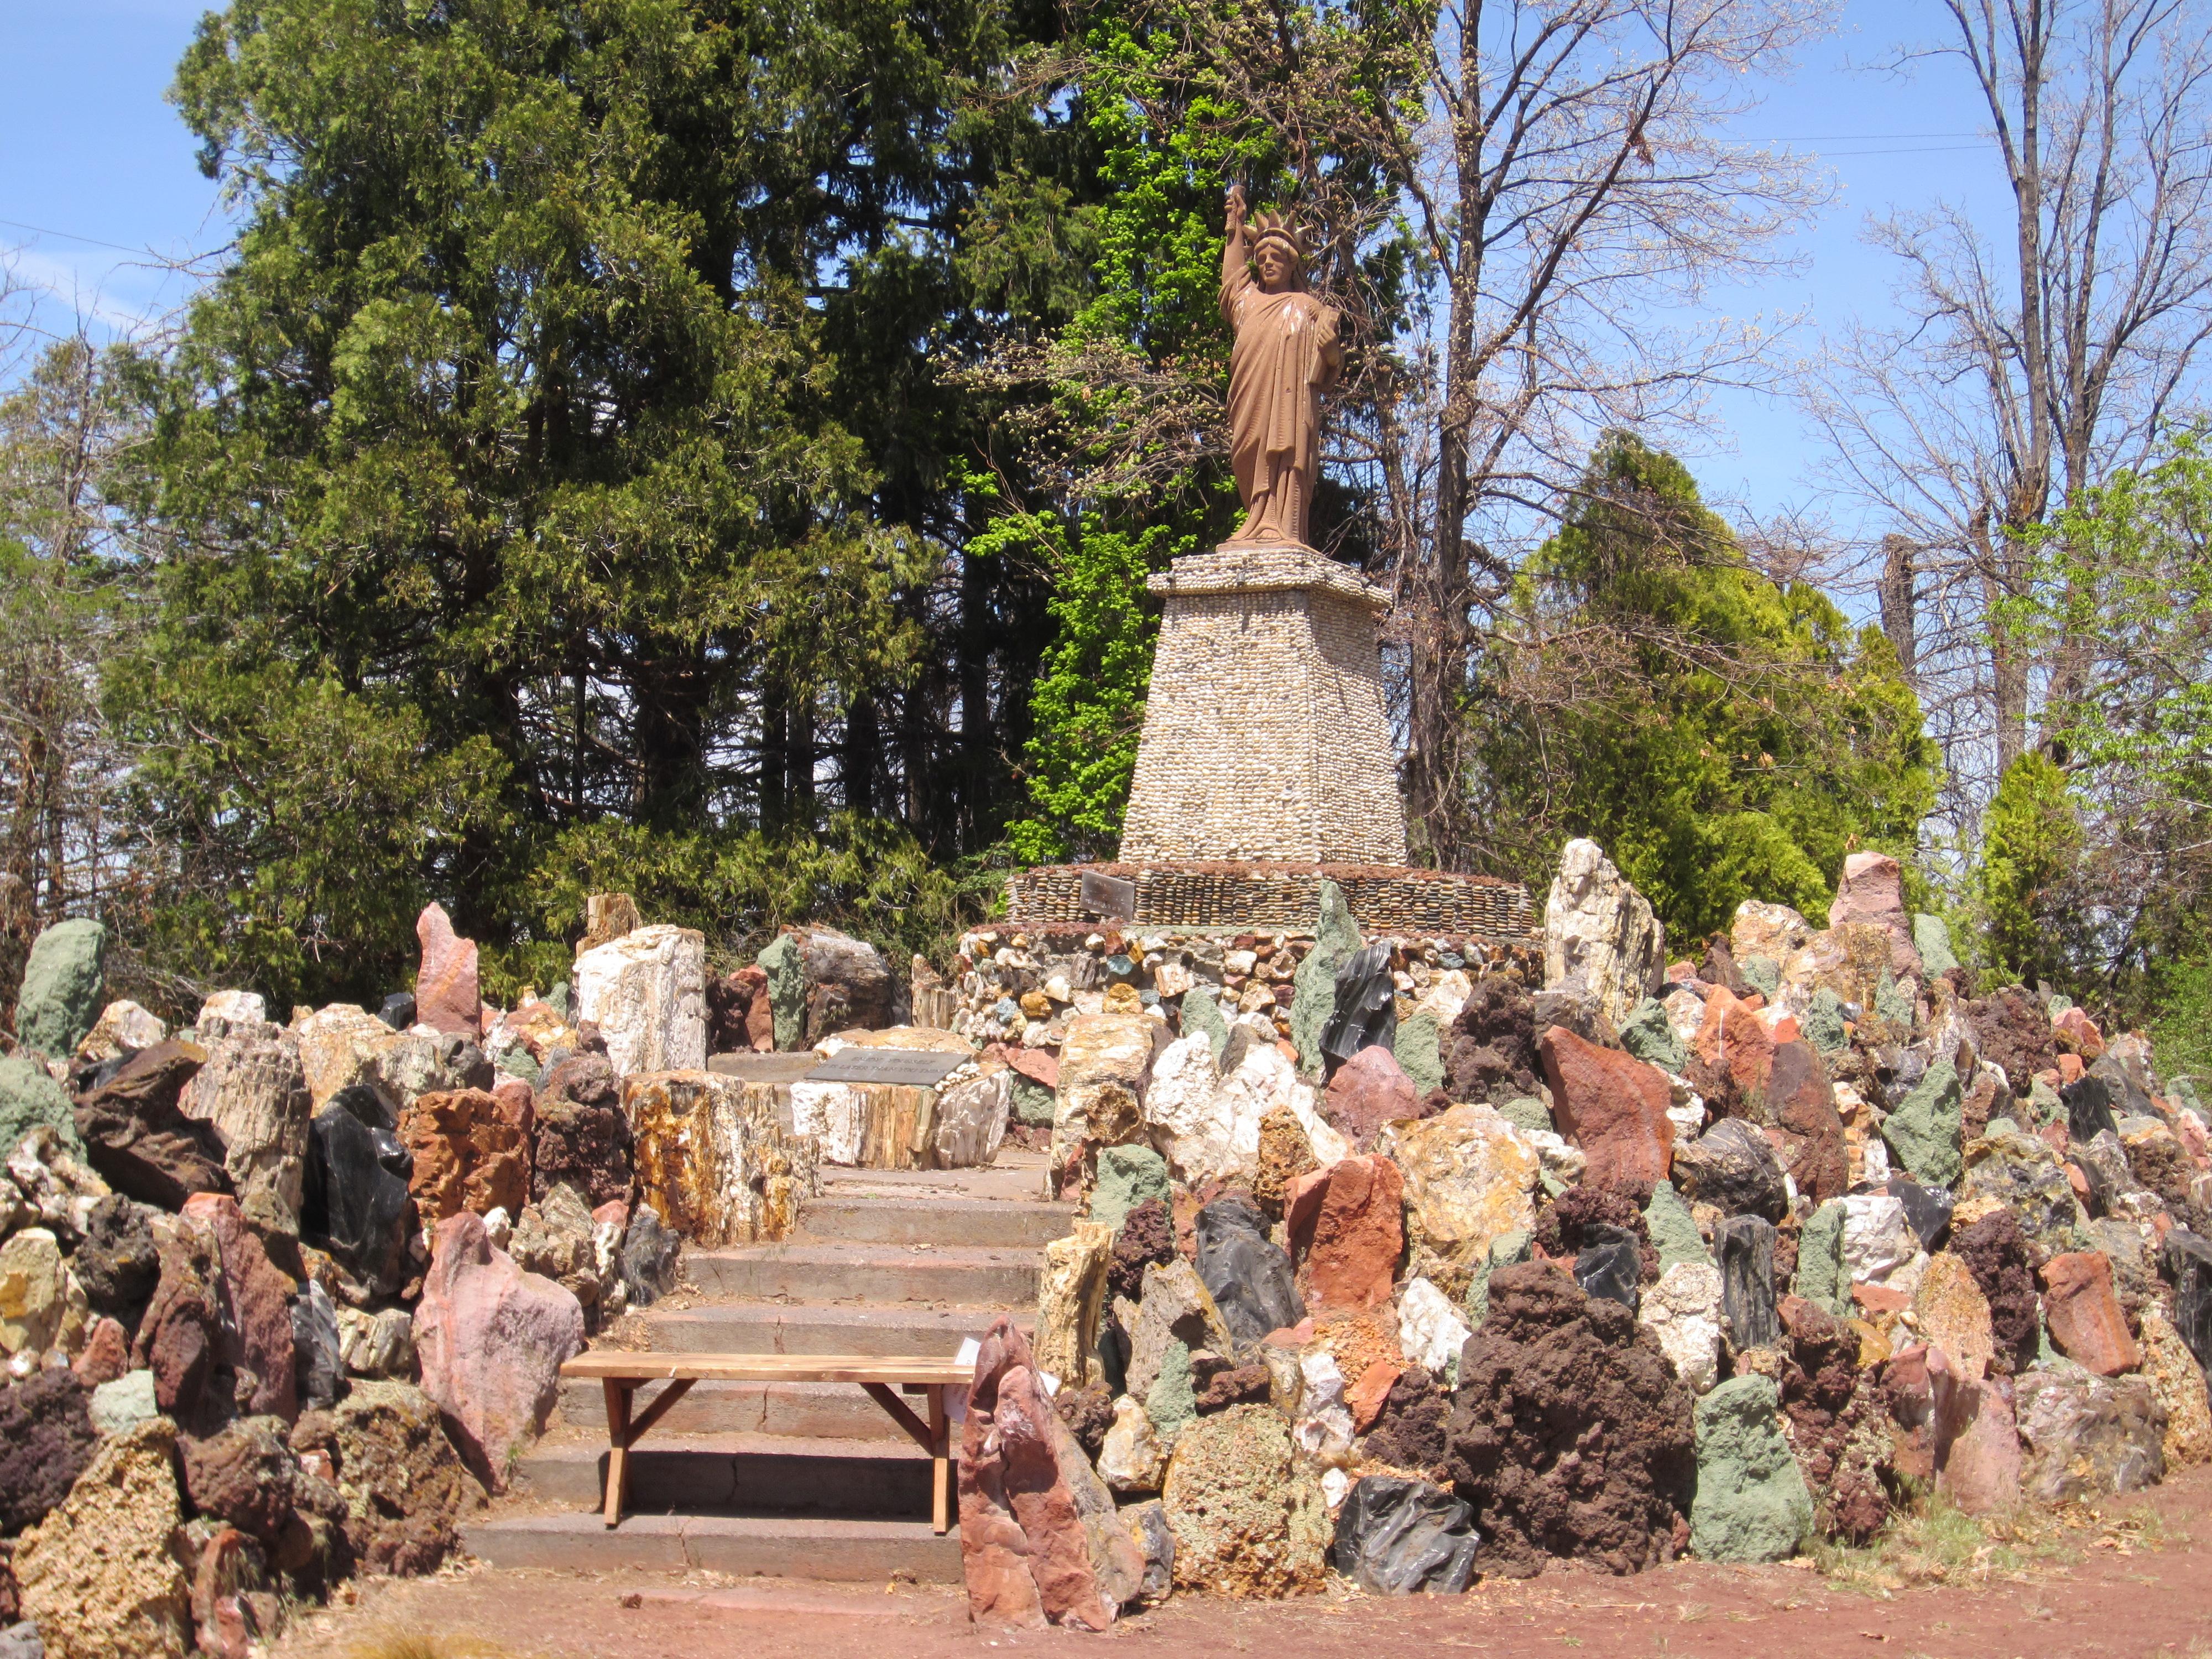 File:Petersen Rock Garden - Oregon (2013) - 32.JPG - Wikimedia Commons